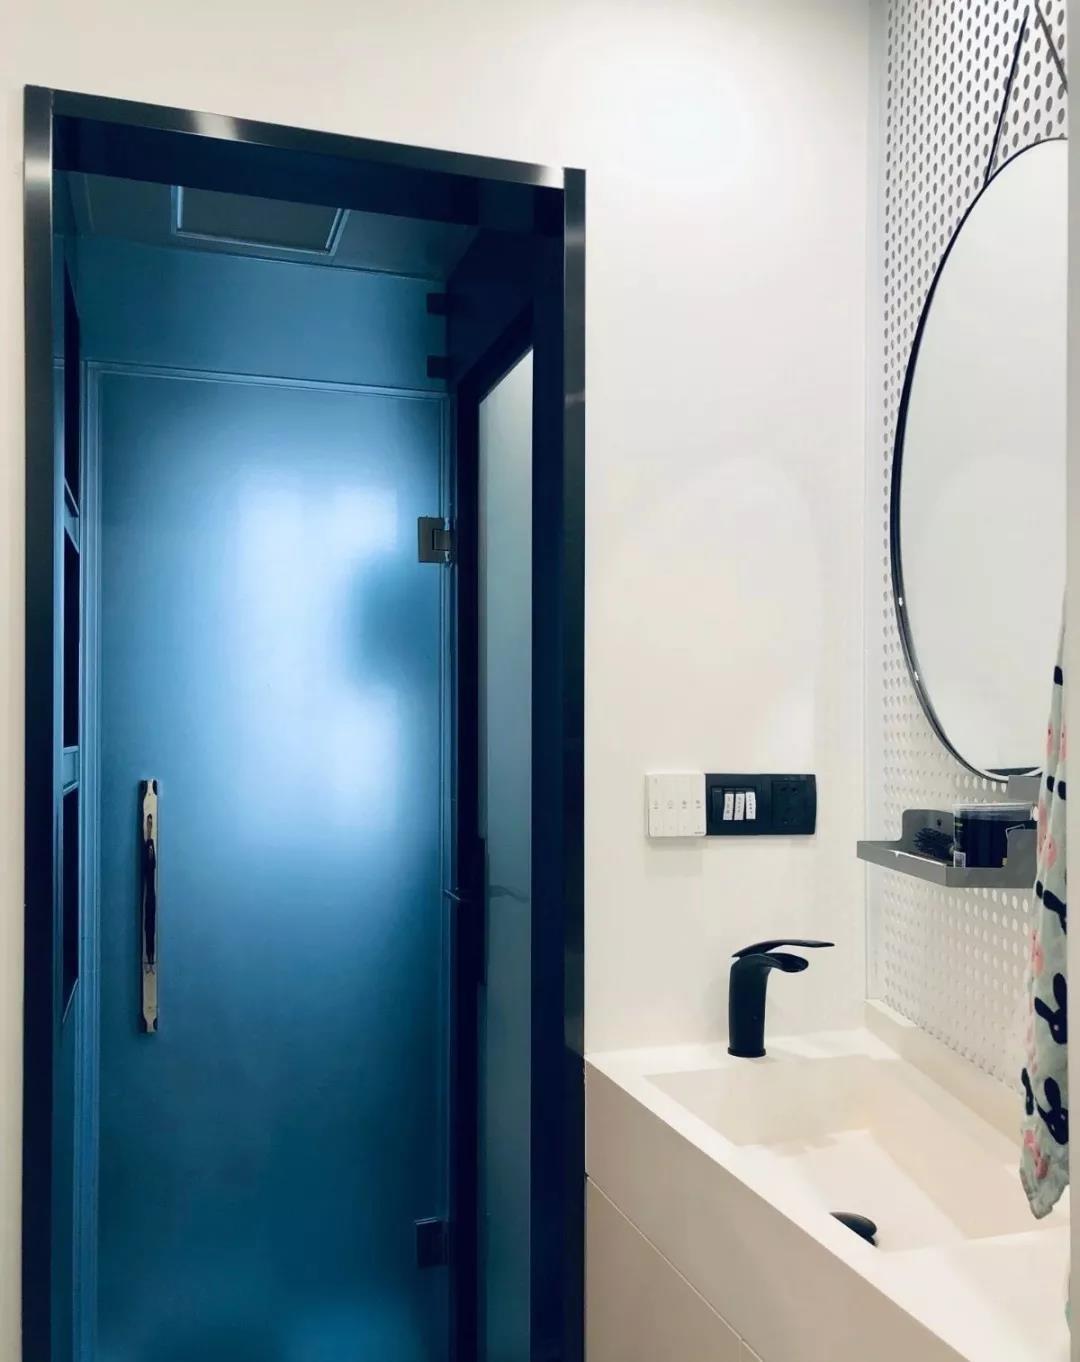 2021简欧卫生间装修图片 2021简欧推拉门设计图片